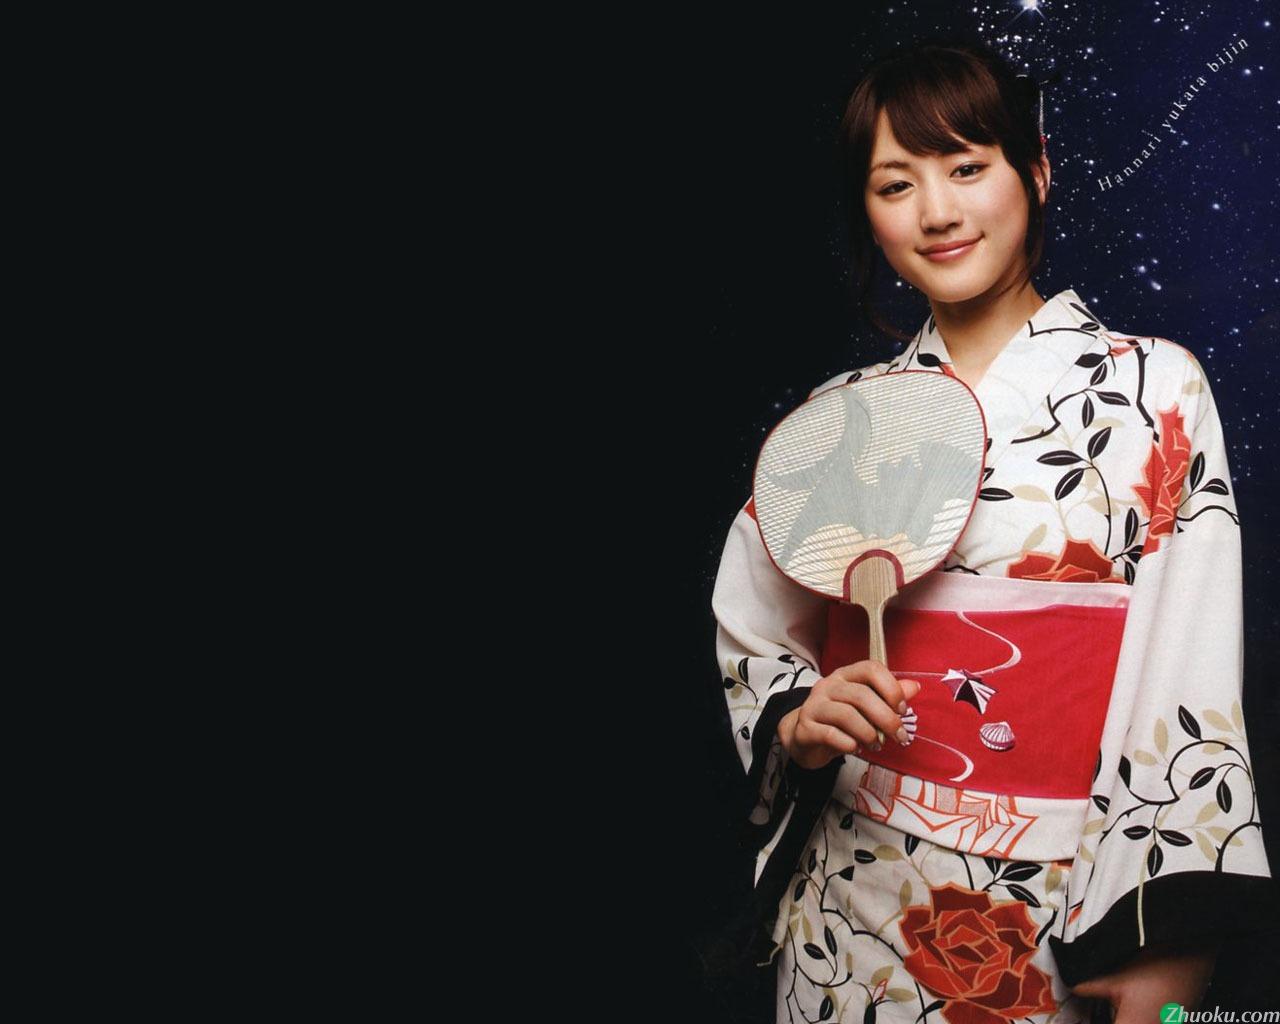 日本性感评选想收为艺人的女少妇新垣结衣最上床和男性妹妹漂亮图片